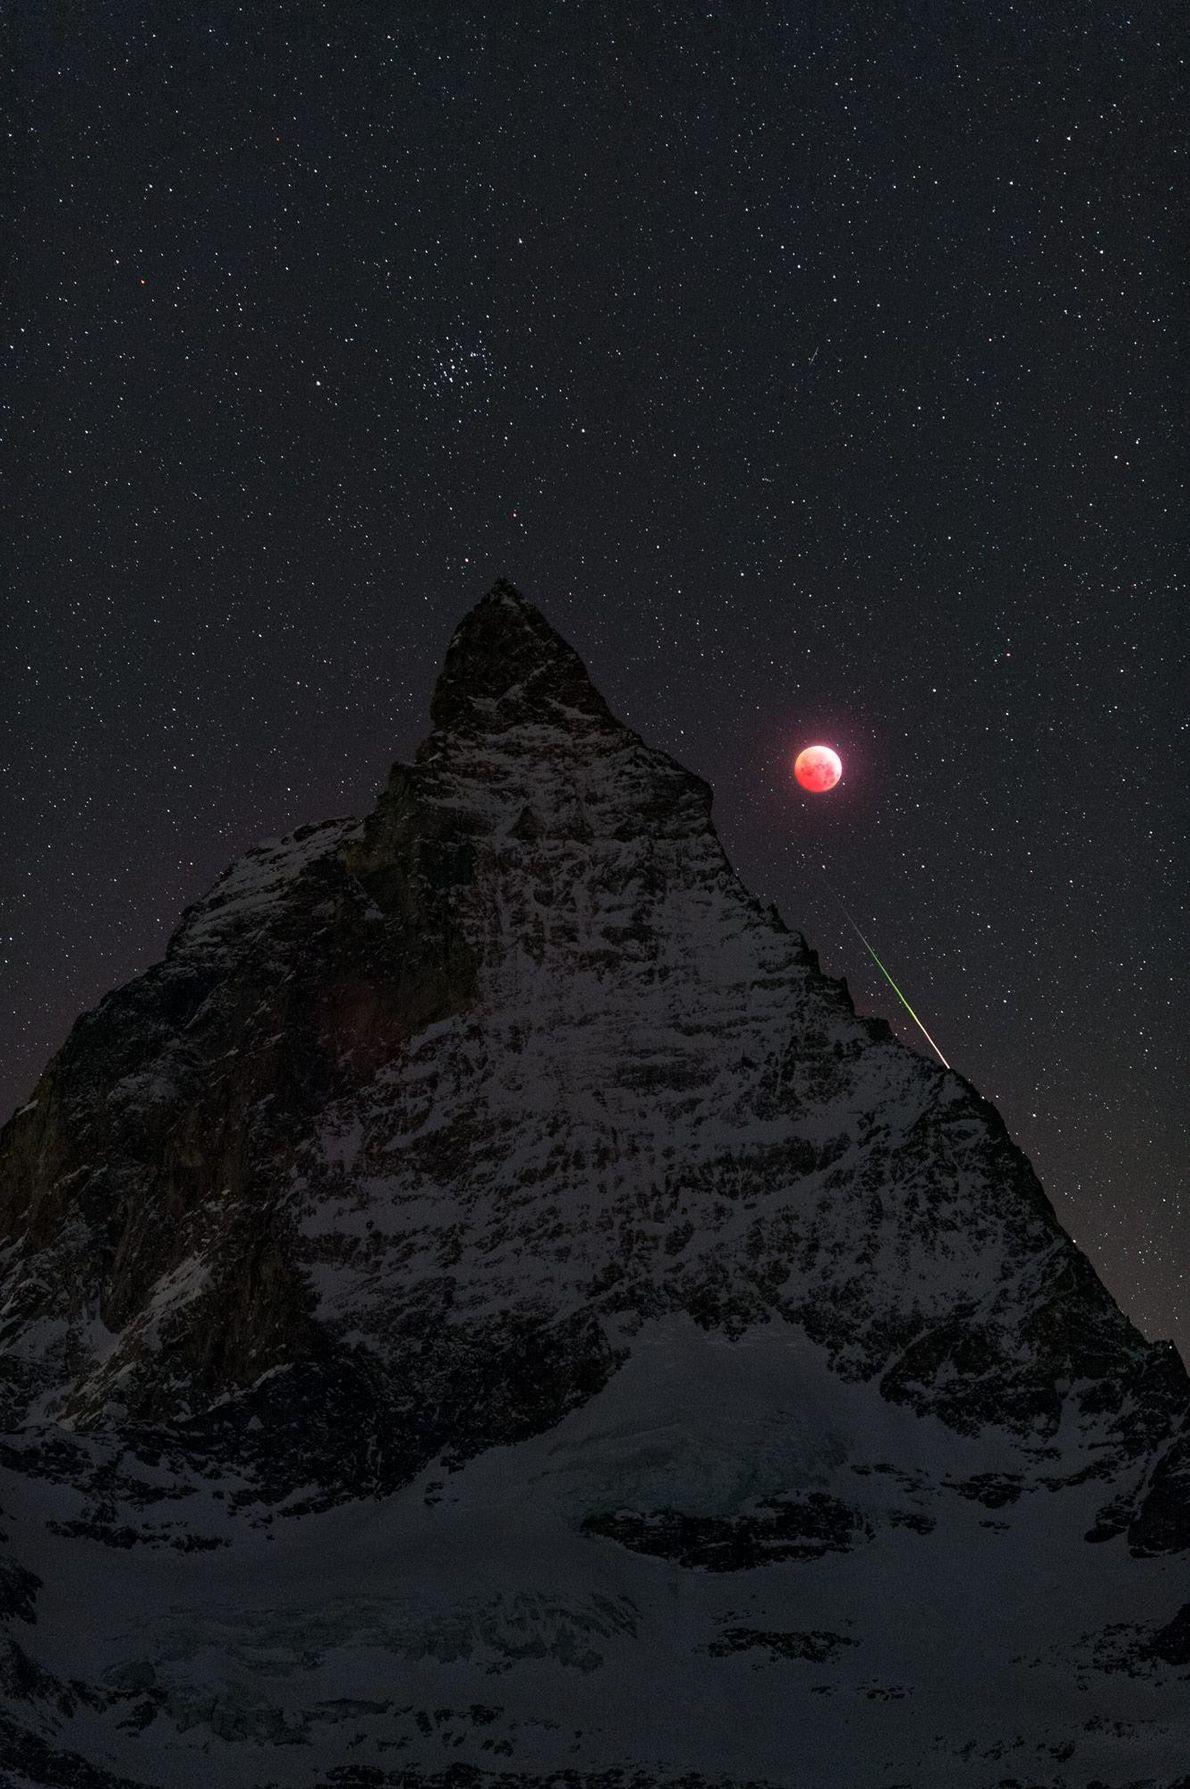 Em 21 de janeiro, o fotógrafo Stephane Vetter capturou Matterhorn, o eclipse lunar e um meteoro ...